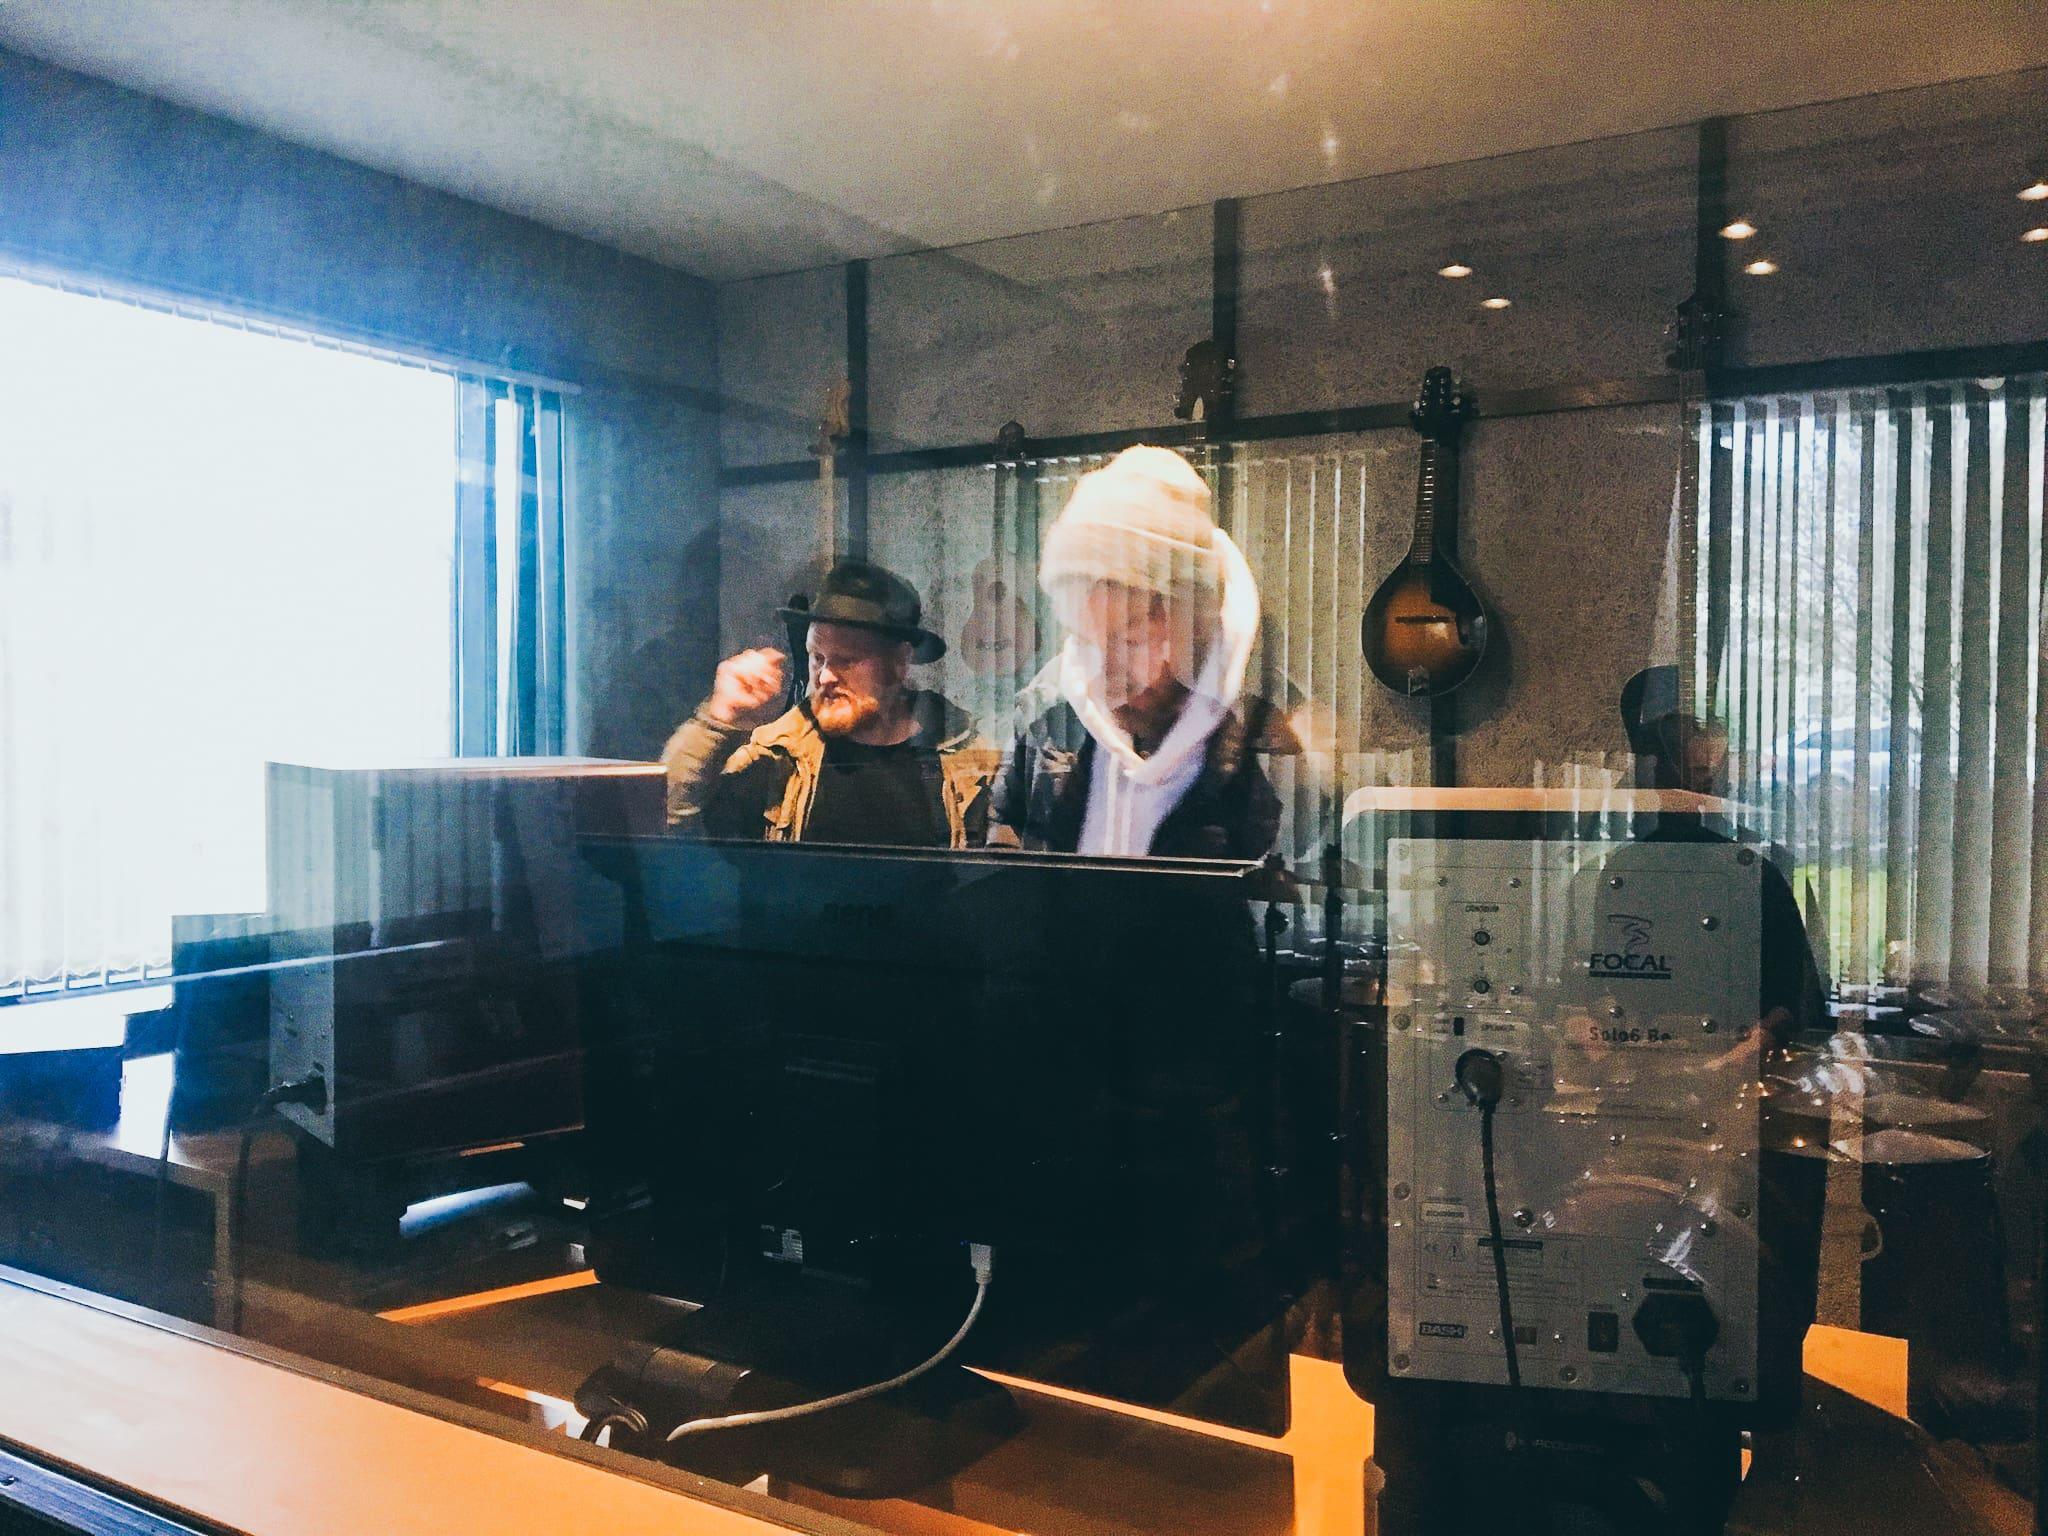 Der Singer/ Songwriter Asgeir in den gmeinsteinn Studios in keflavik